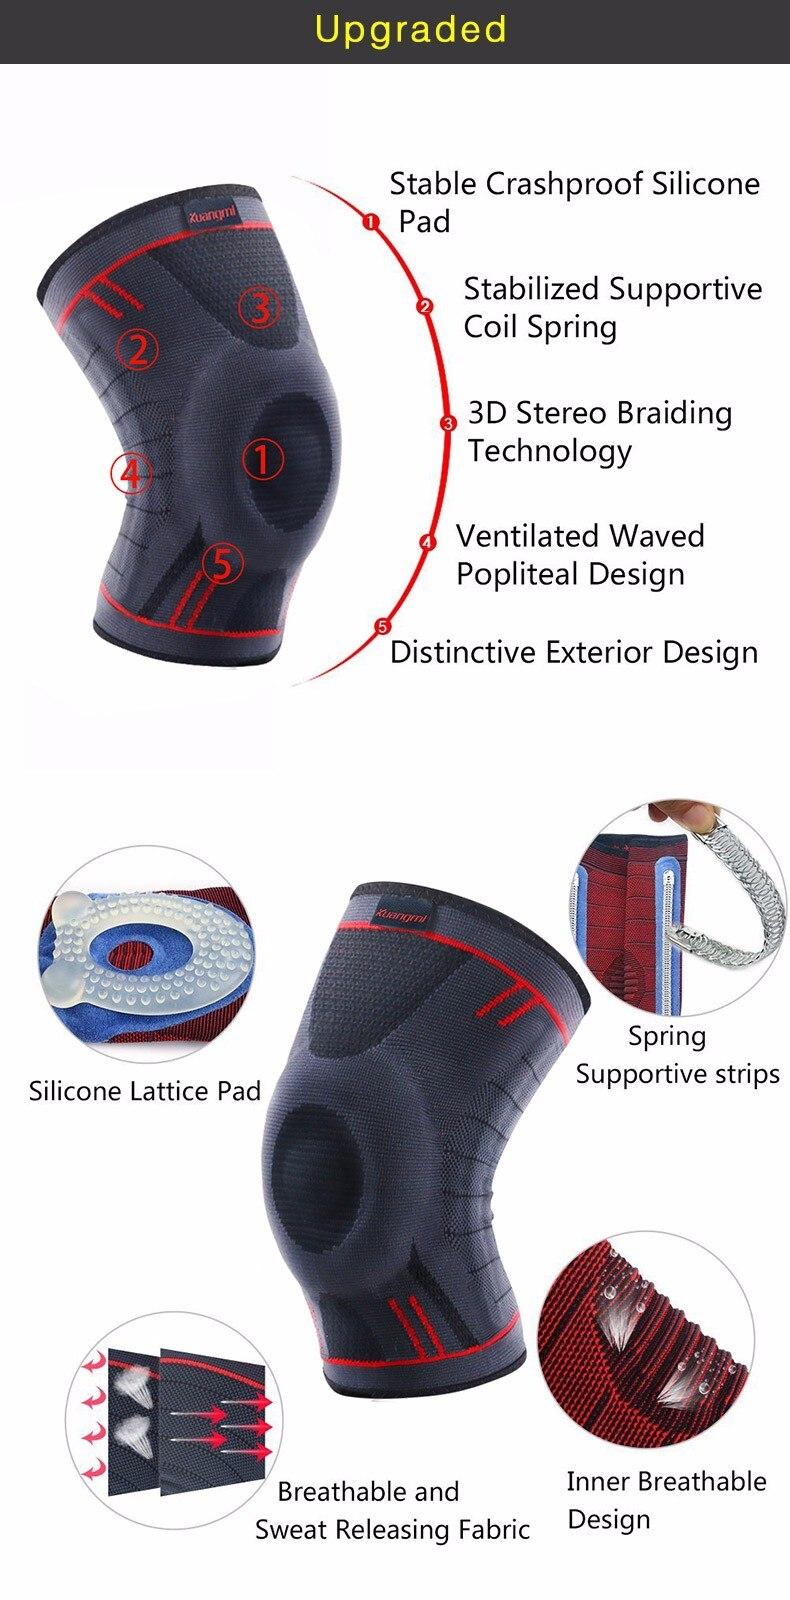 HTB1S9cqOpXXXXXmXFXXq6xXFXXXC - Kuangmi 1 PC Compression Knee Sleeve Basketball Knee Pads Knee Support